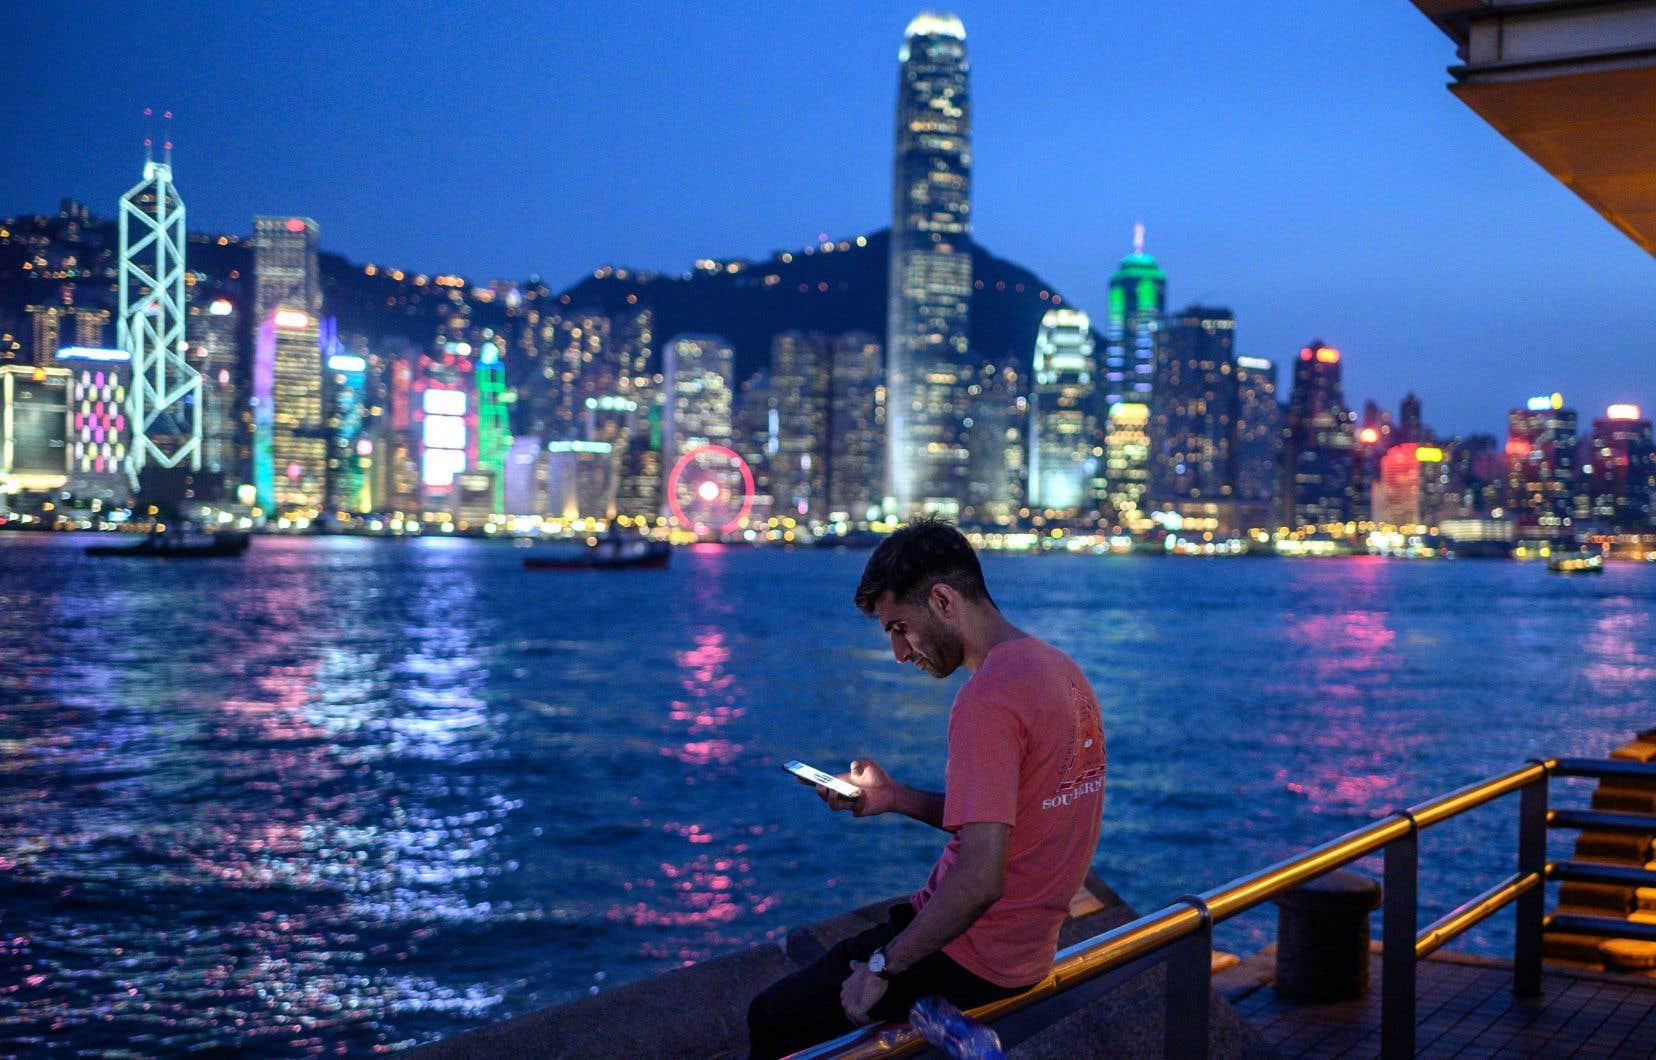 La distance entre les vendeurs et leurs clients a été réduite par la mondialisation des marchés et les nouvelles technologies numériques.